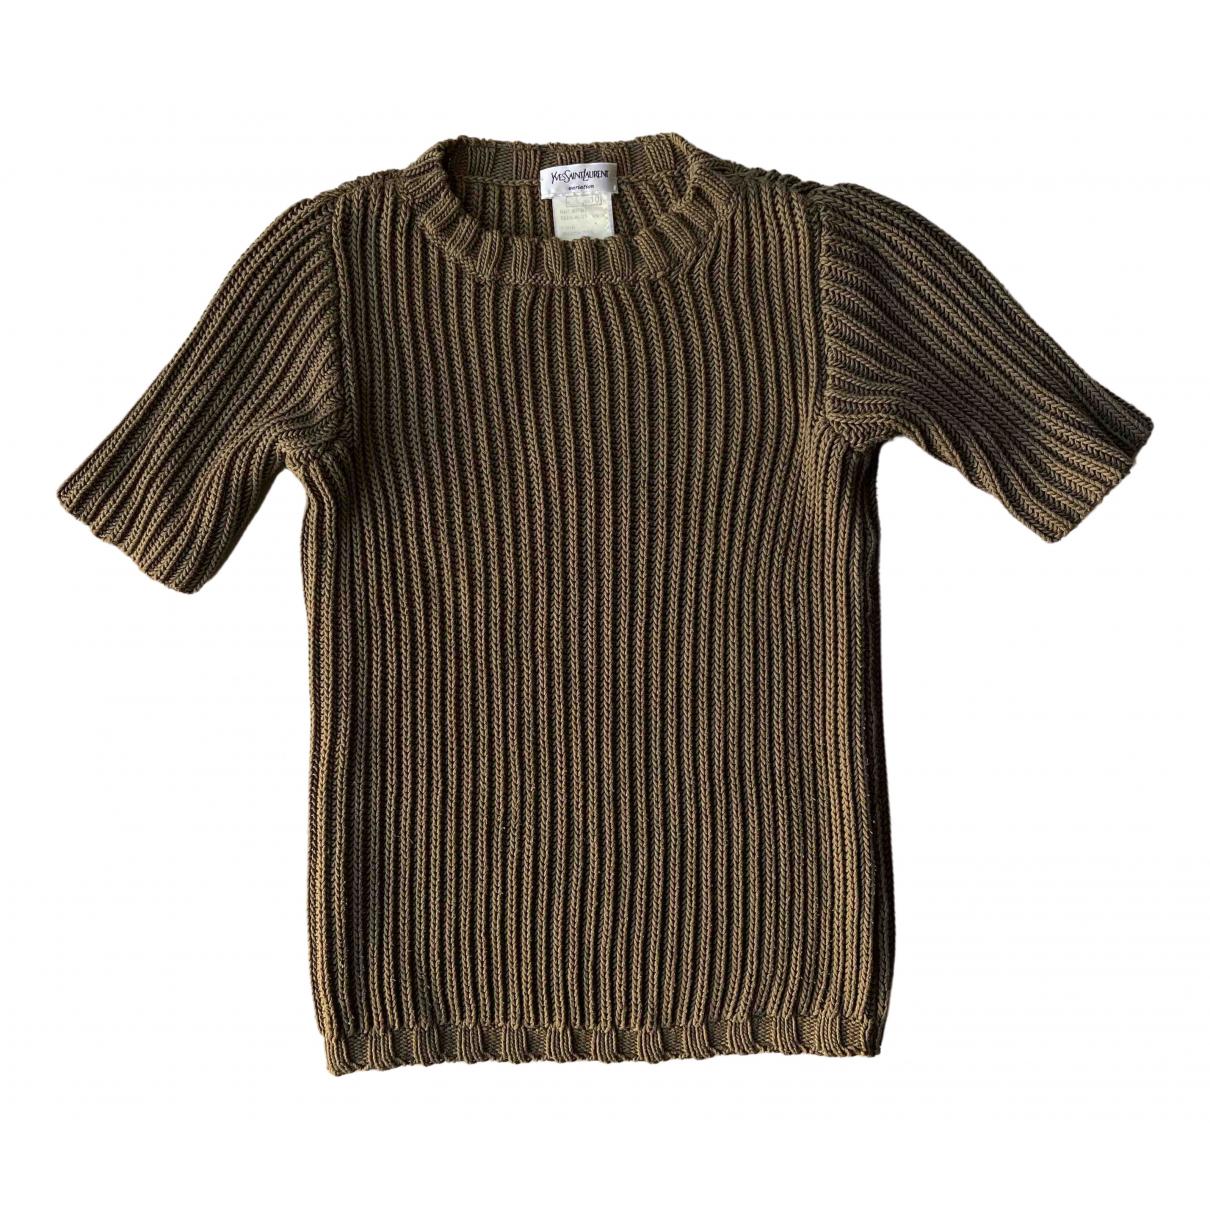 Yves Saint Laurent - Pull   pour femme en coton - kaki